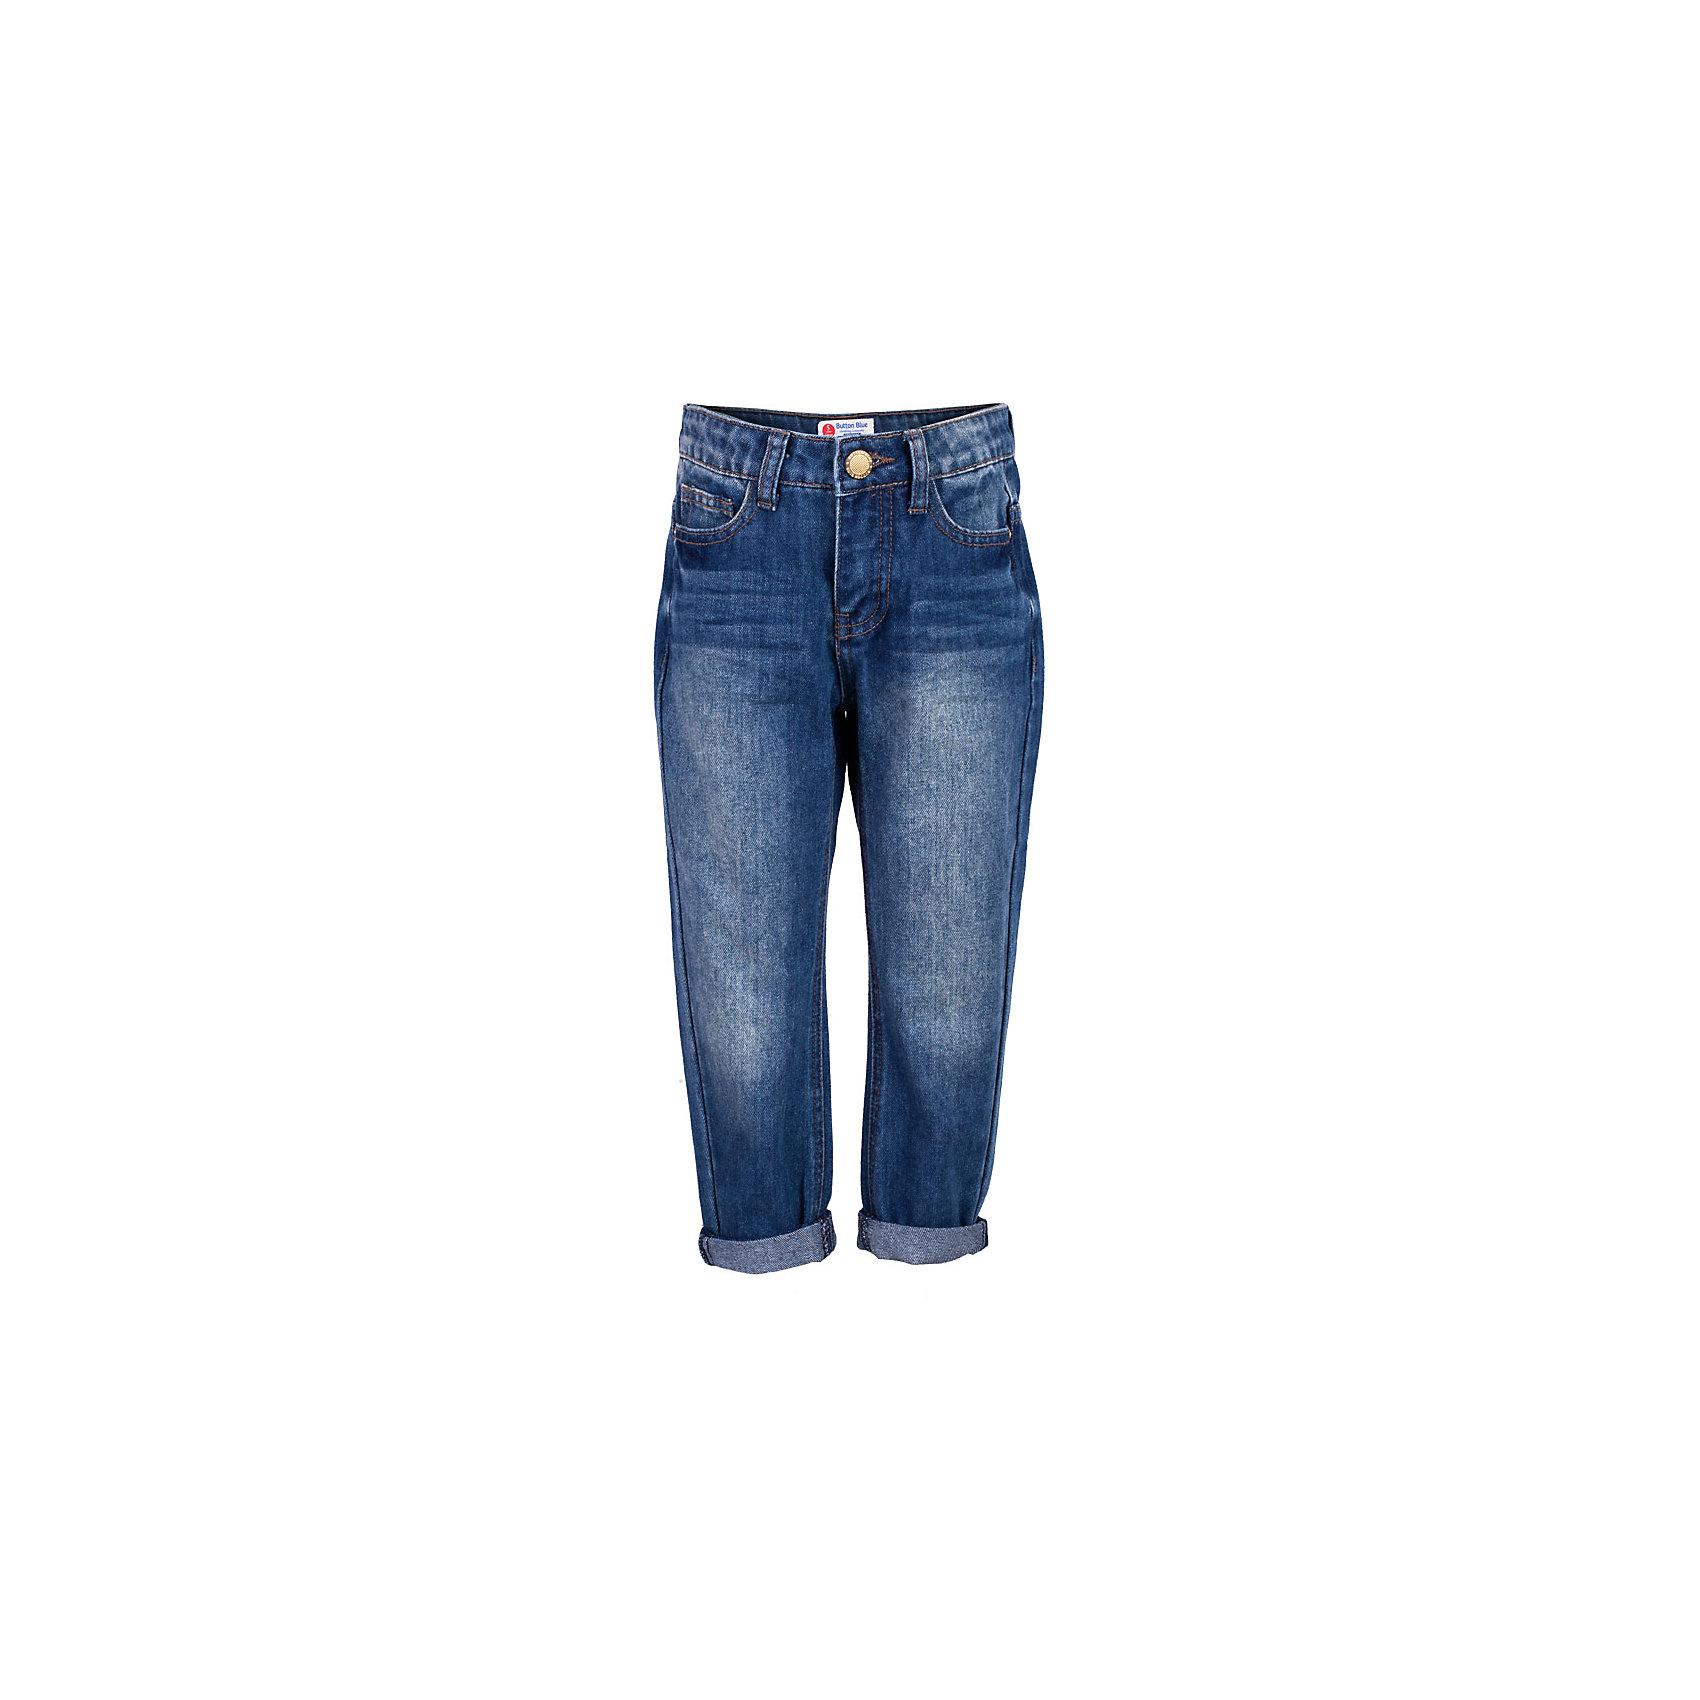 Джинсы для девочки  BUTTON BLUEДжинсовая одежда<br>Джинсы для девочки  BUTTON BLUE<br>Классные синие джинсы с потертостями и повреждениями — гарантия модного современного образа! Хороший крой,  удобная посадка на фигуре подарят девочке комфорт и свободу движений. Если вы хотите купить ребенку недорогие джинсы силуэта бойфренд, модель от Button Blue - прекрасный выбор!<br>Состав:<br>100%  хлопок<br><br>Ширина мм: 215<br>Глубина мм: 88<br>Высота мм: 191<br>Вес г: 336<br>Цвет: синий<br>Возраст от месяцев: 48<br>Возраст до месяцев: 60<br>Пол: Женский<br>Возраст: Детский<br>Размер: 110,116,122,140,152,98,104<br>SKU: 5523670